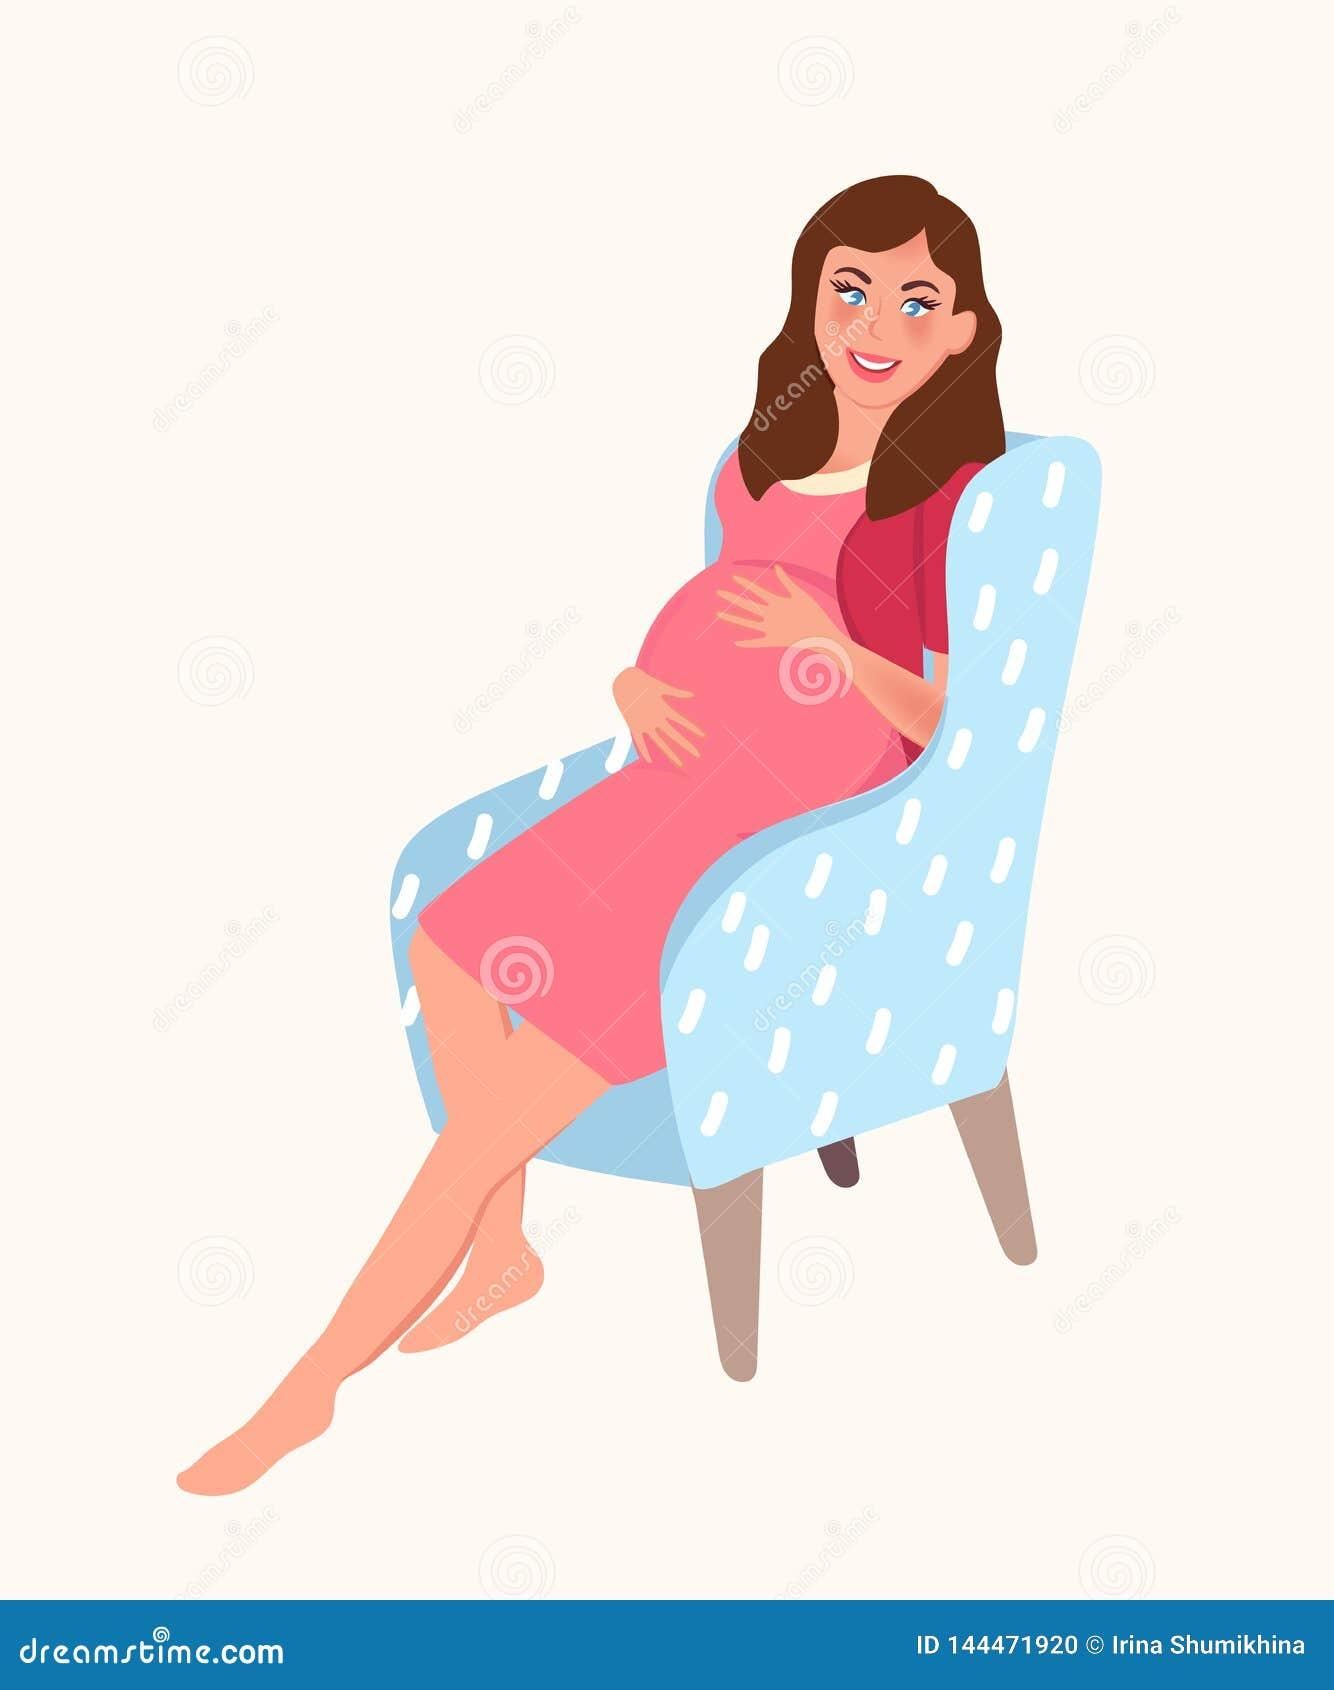 Una muchacha embarazada se sienta en una silla y toca su estómago Contar con a un bebé Embarazo Ilustración del vector